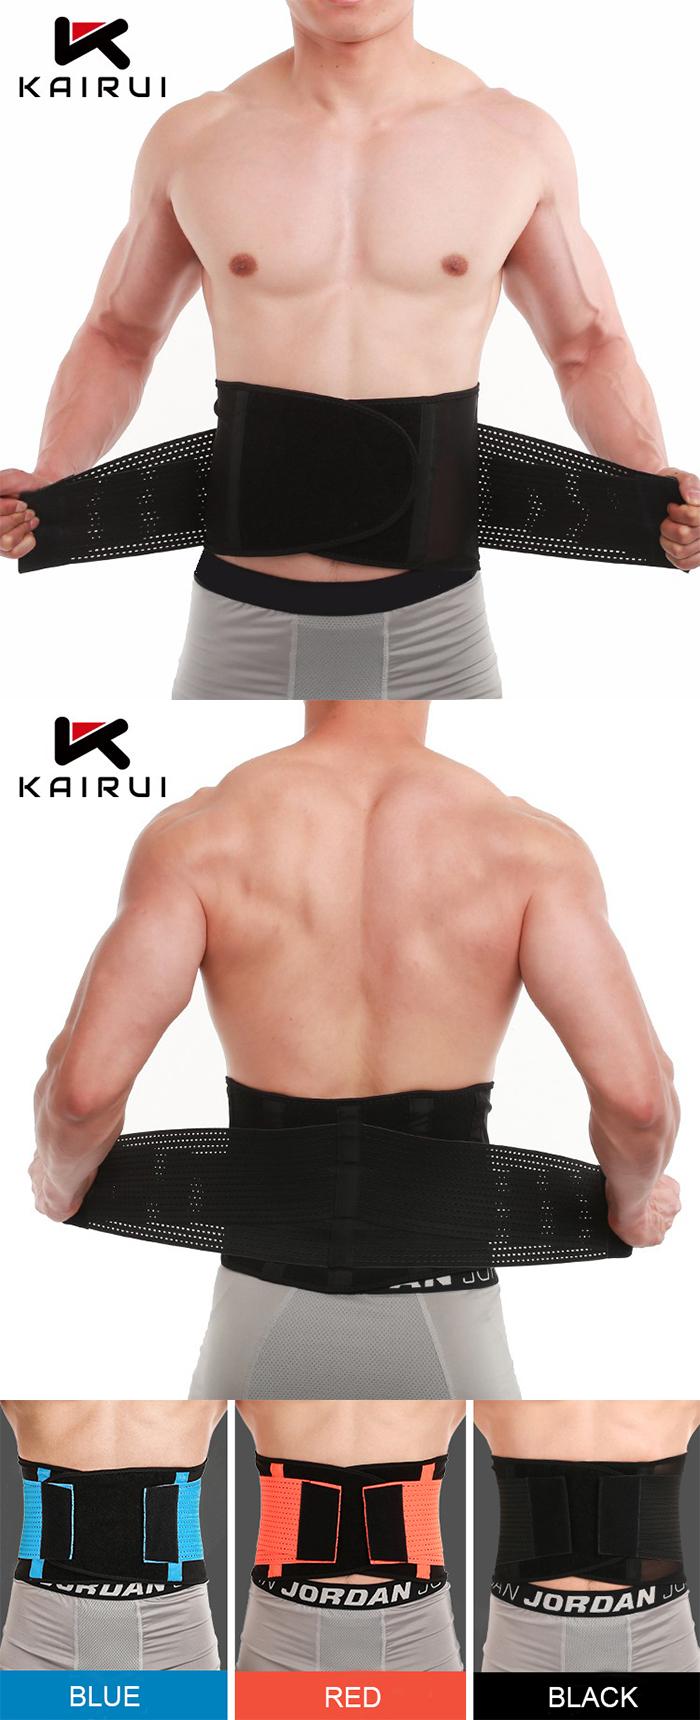 Verstelbare mannen gym afslanken zweet riem taille trimmer voor training shaper